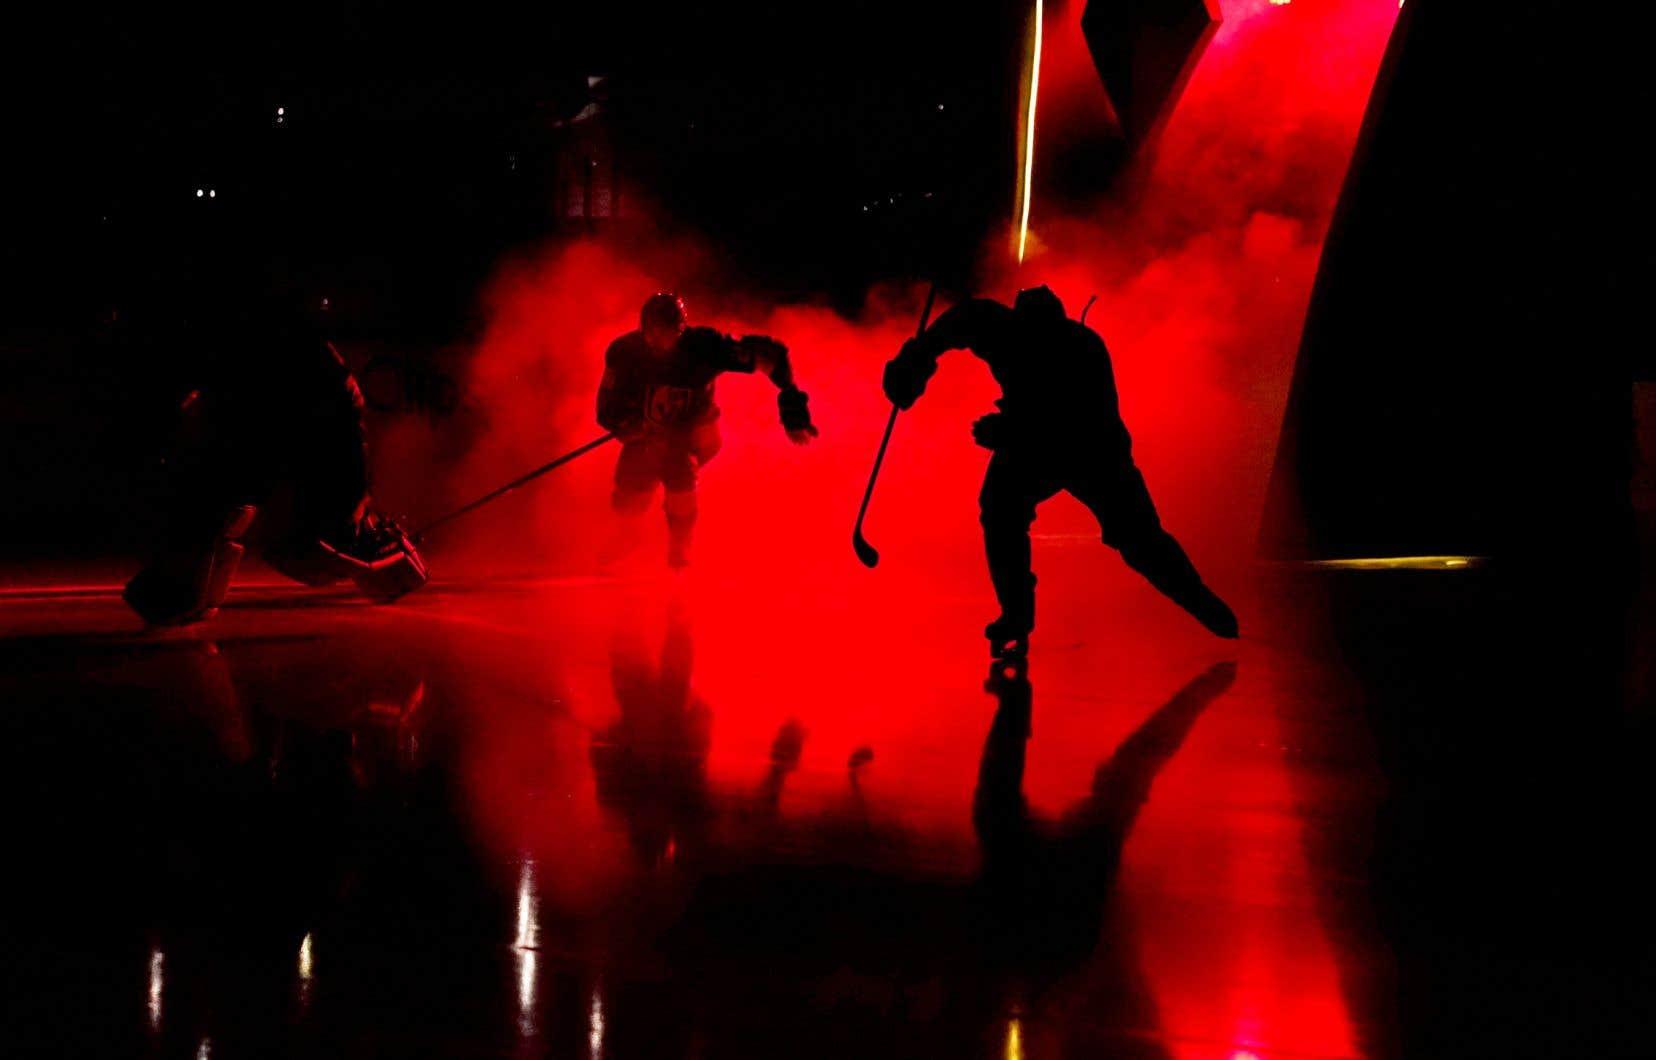 À Las Vegas, la ville du spectacle, les jeux de lumière et les effets spéciaux s'invitent même dans l'aréna des Golden Knights.